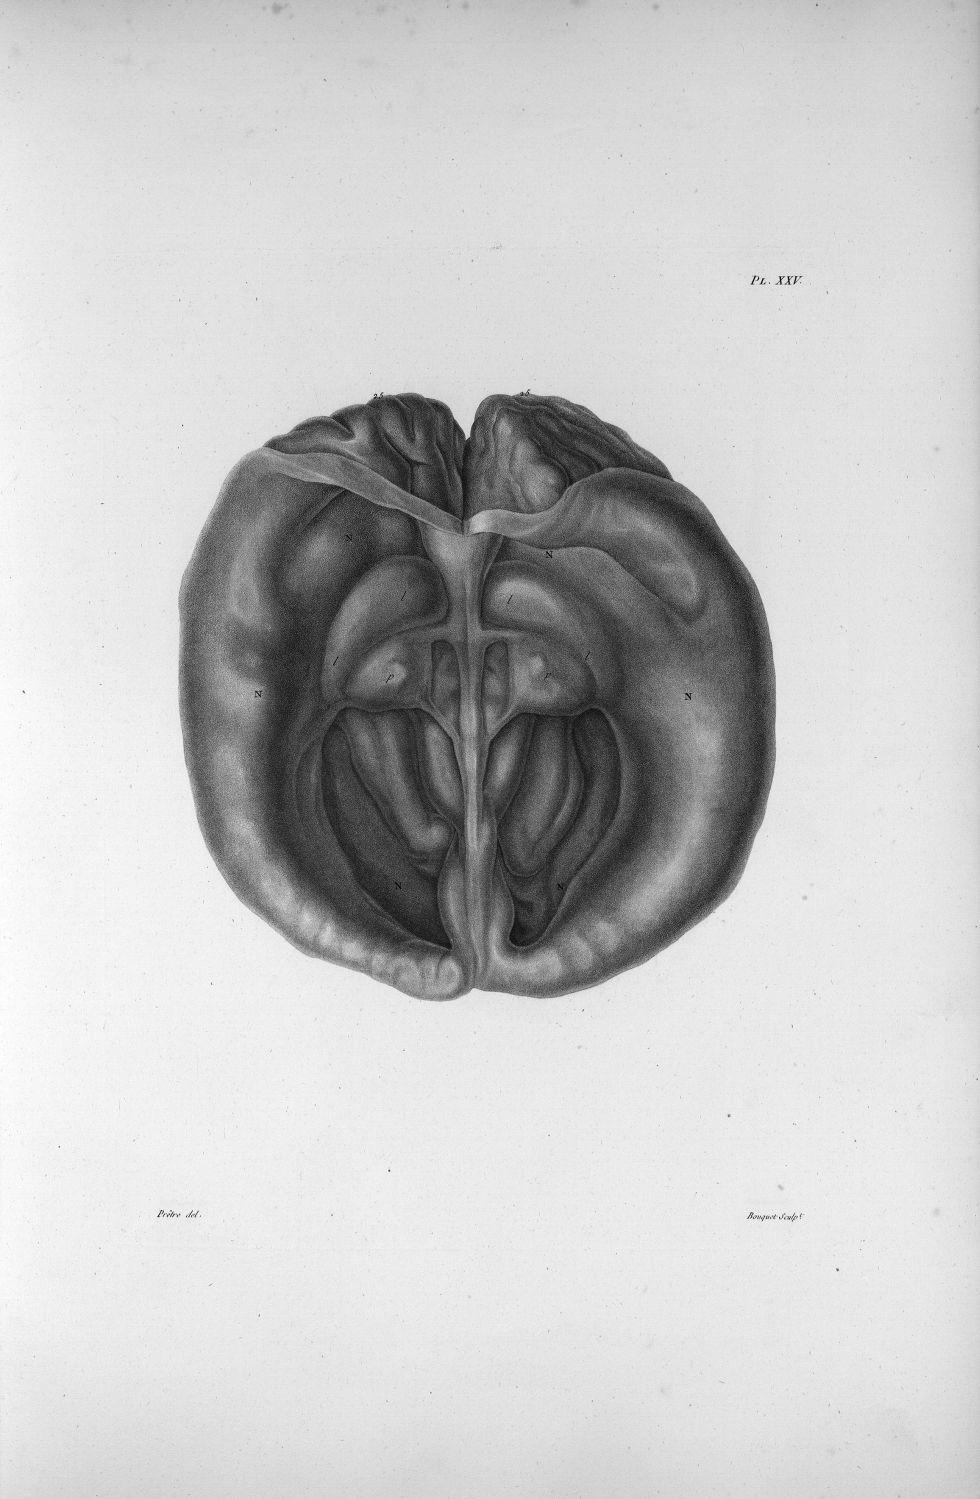 Pl. XXV. Cerveau d'une femme hydrocéphale de cinquante-cinq ans, contenant quatre litres d'eau, et j [...] - Anatomie. Neurologie. Crânes. Phrénologie. 19e siècle (France) - med00575xatlasx0035